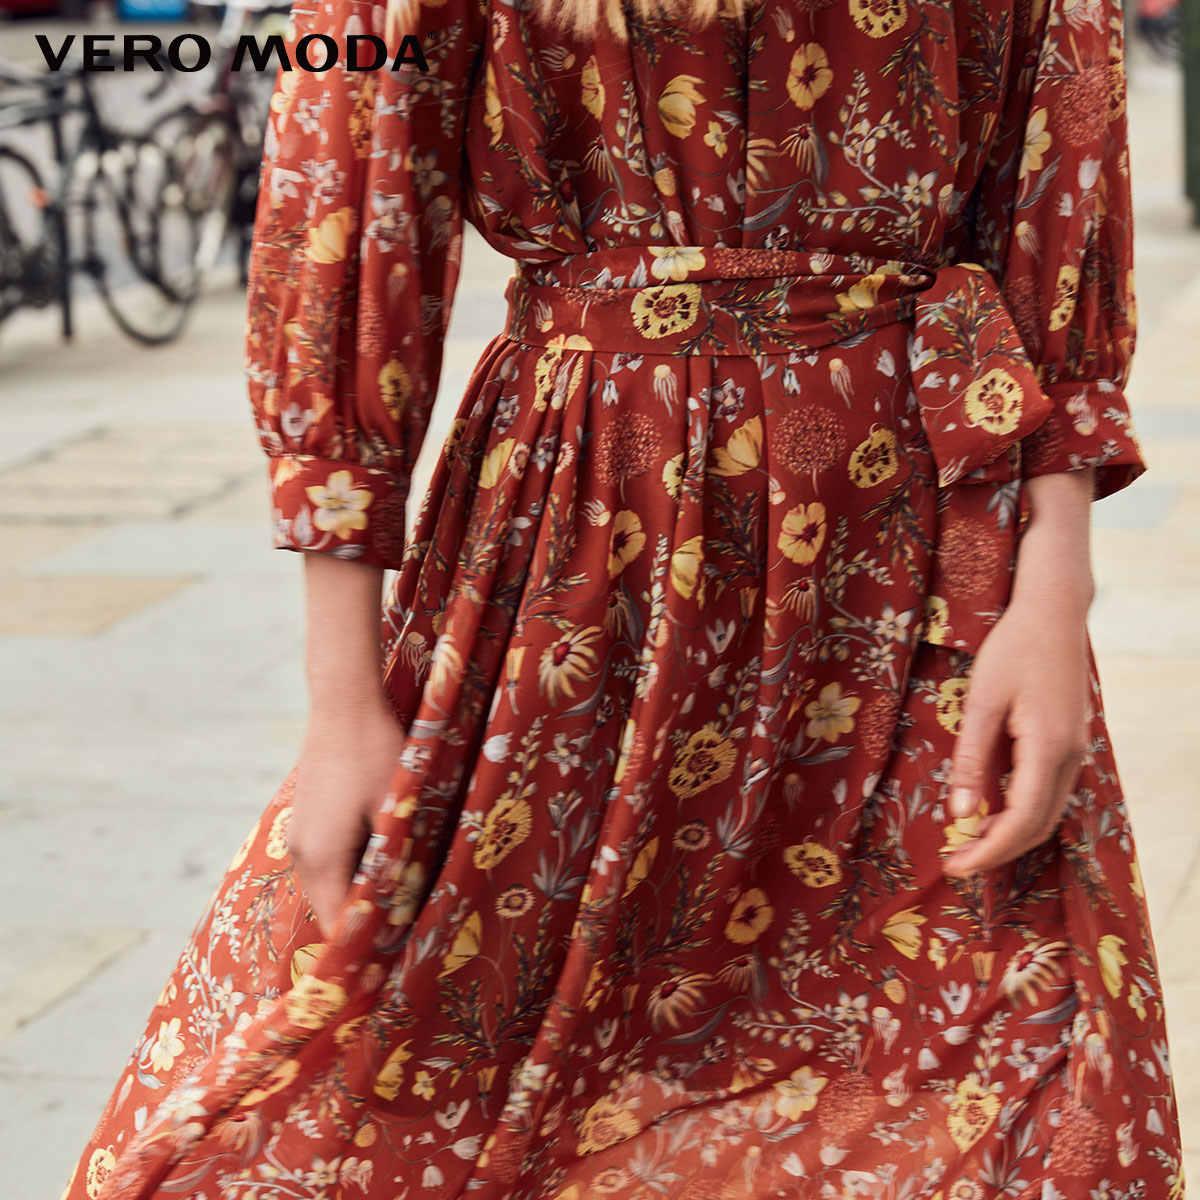 Vero Moda 2019 Новое Женское с низким вырезом круглый вырез шар 3/4 рукава Печатный шифон платье   31837C515